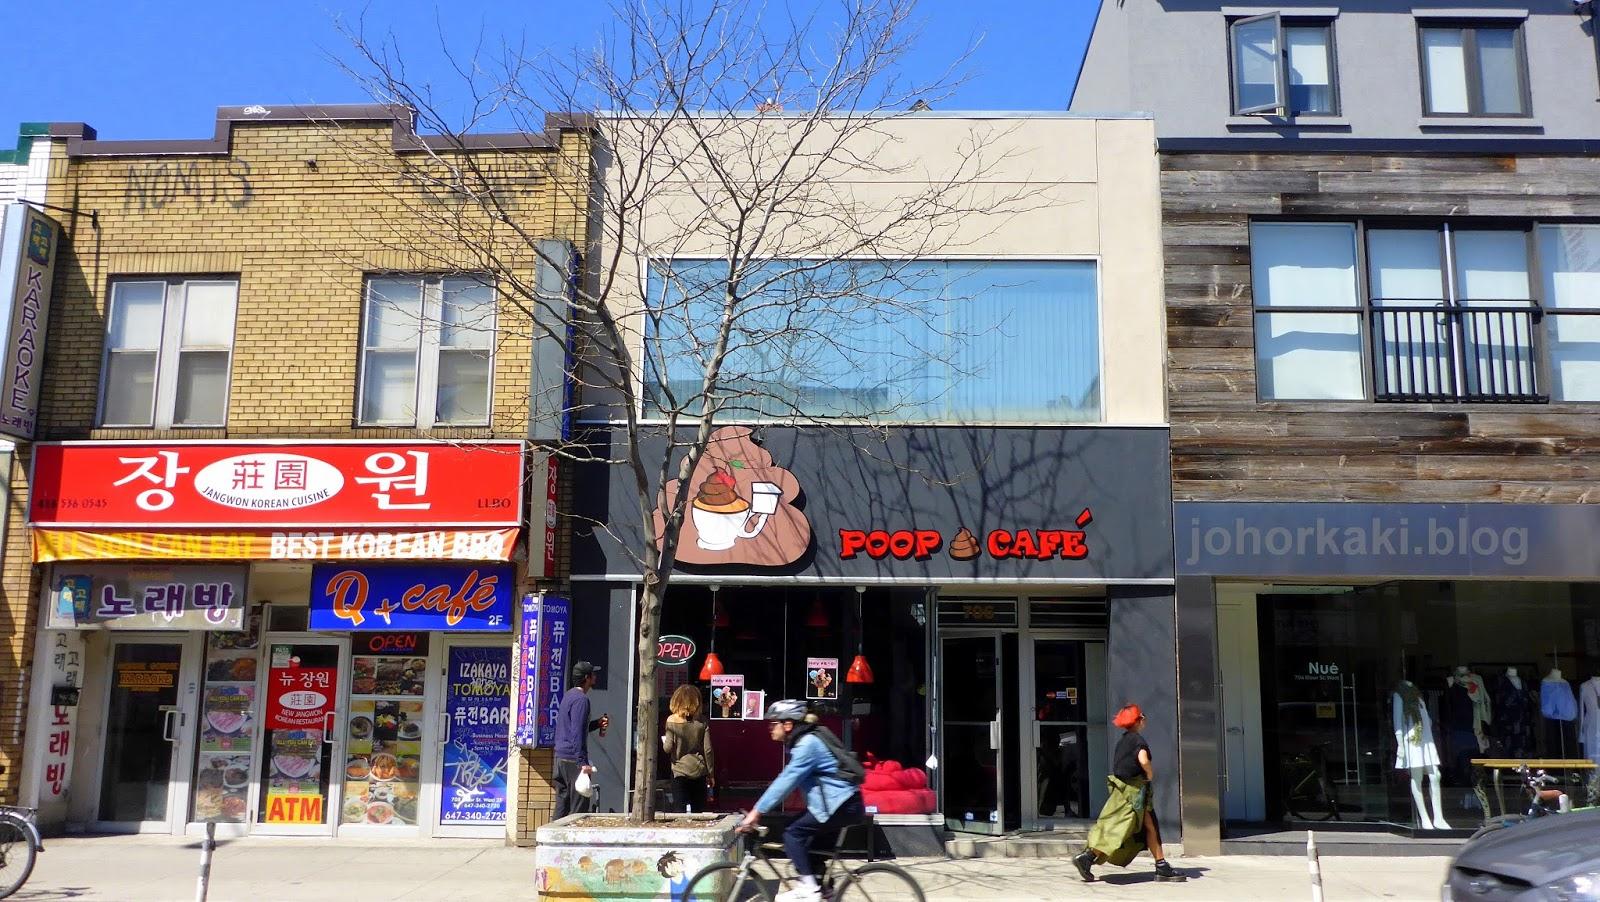 Internet Cafe Toronto Bloor West